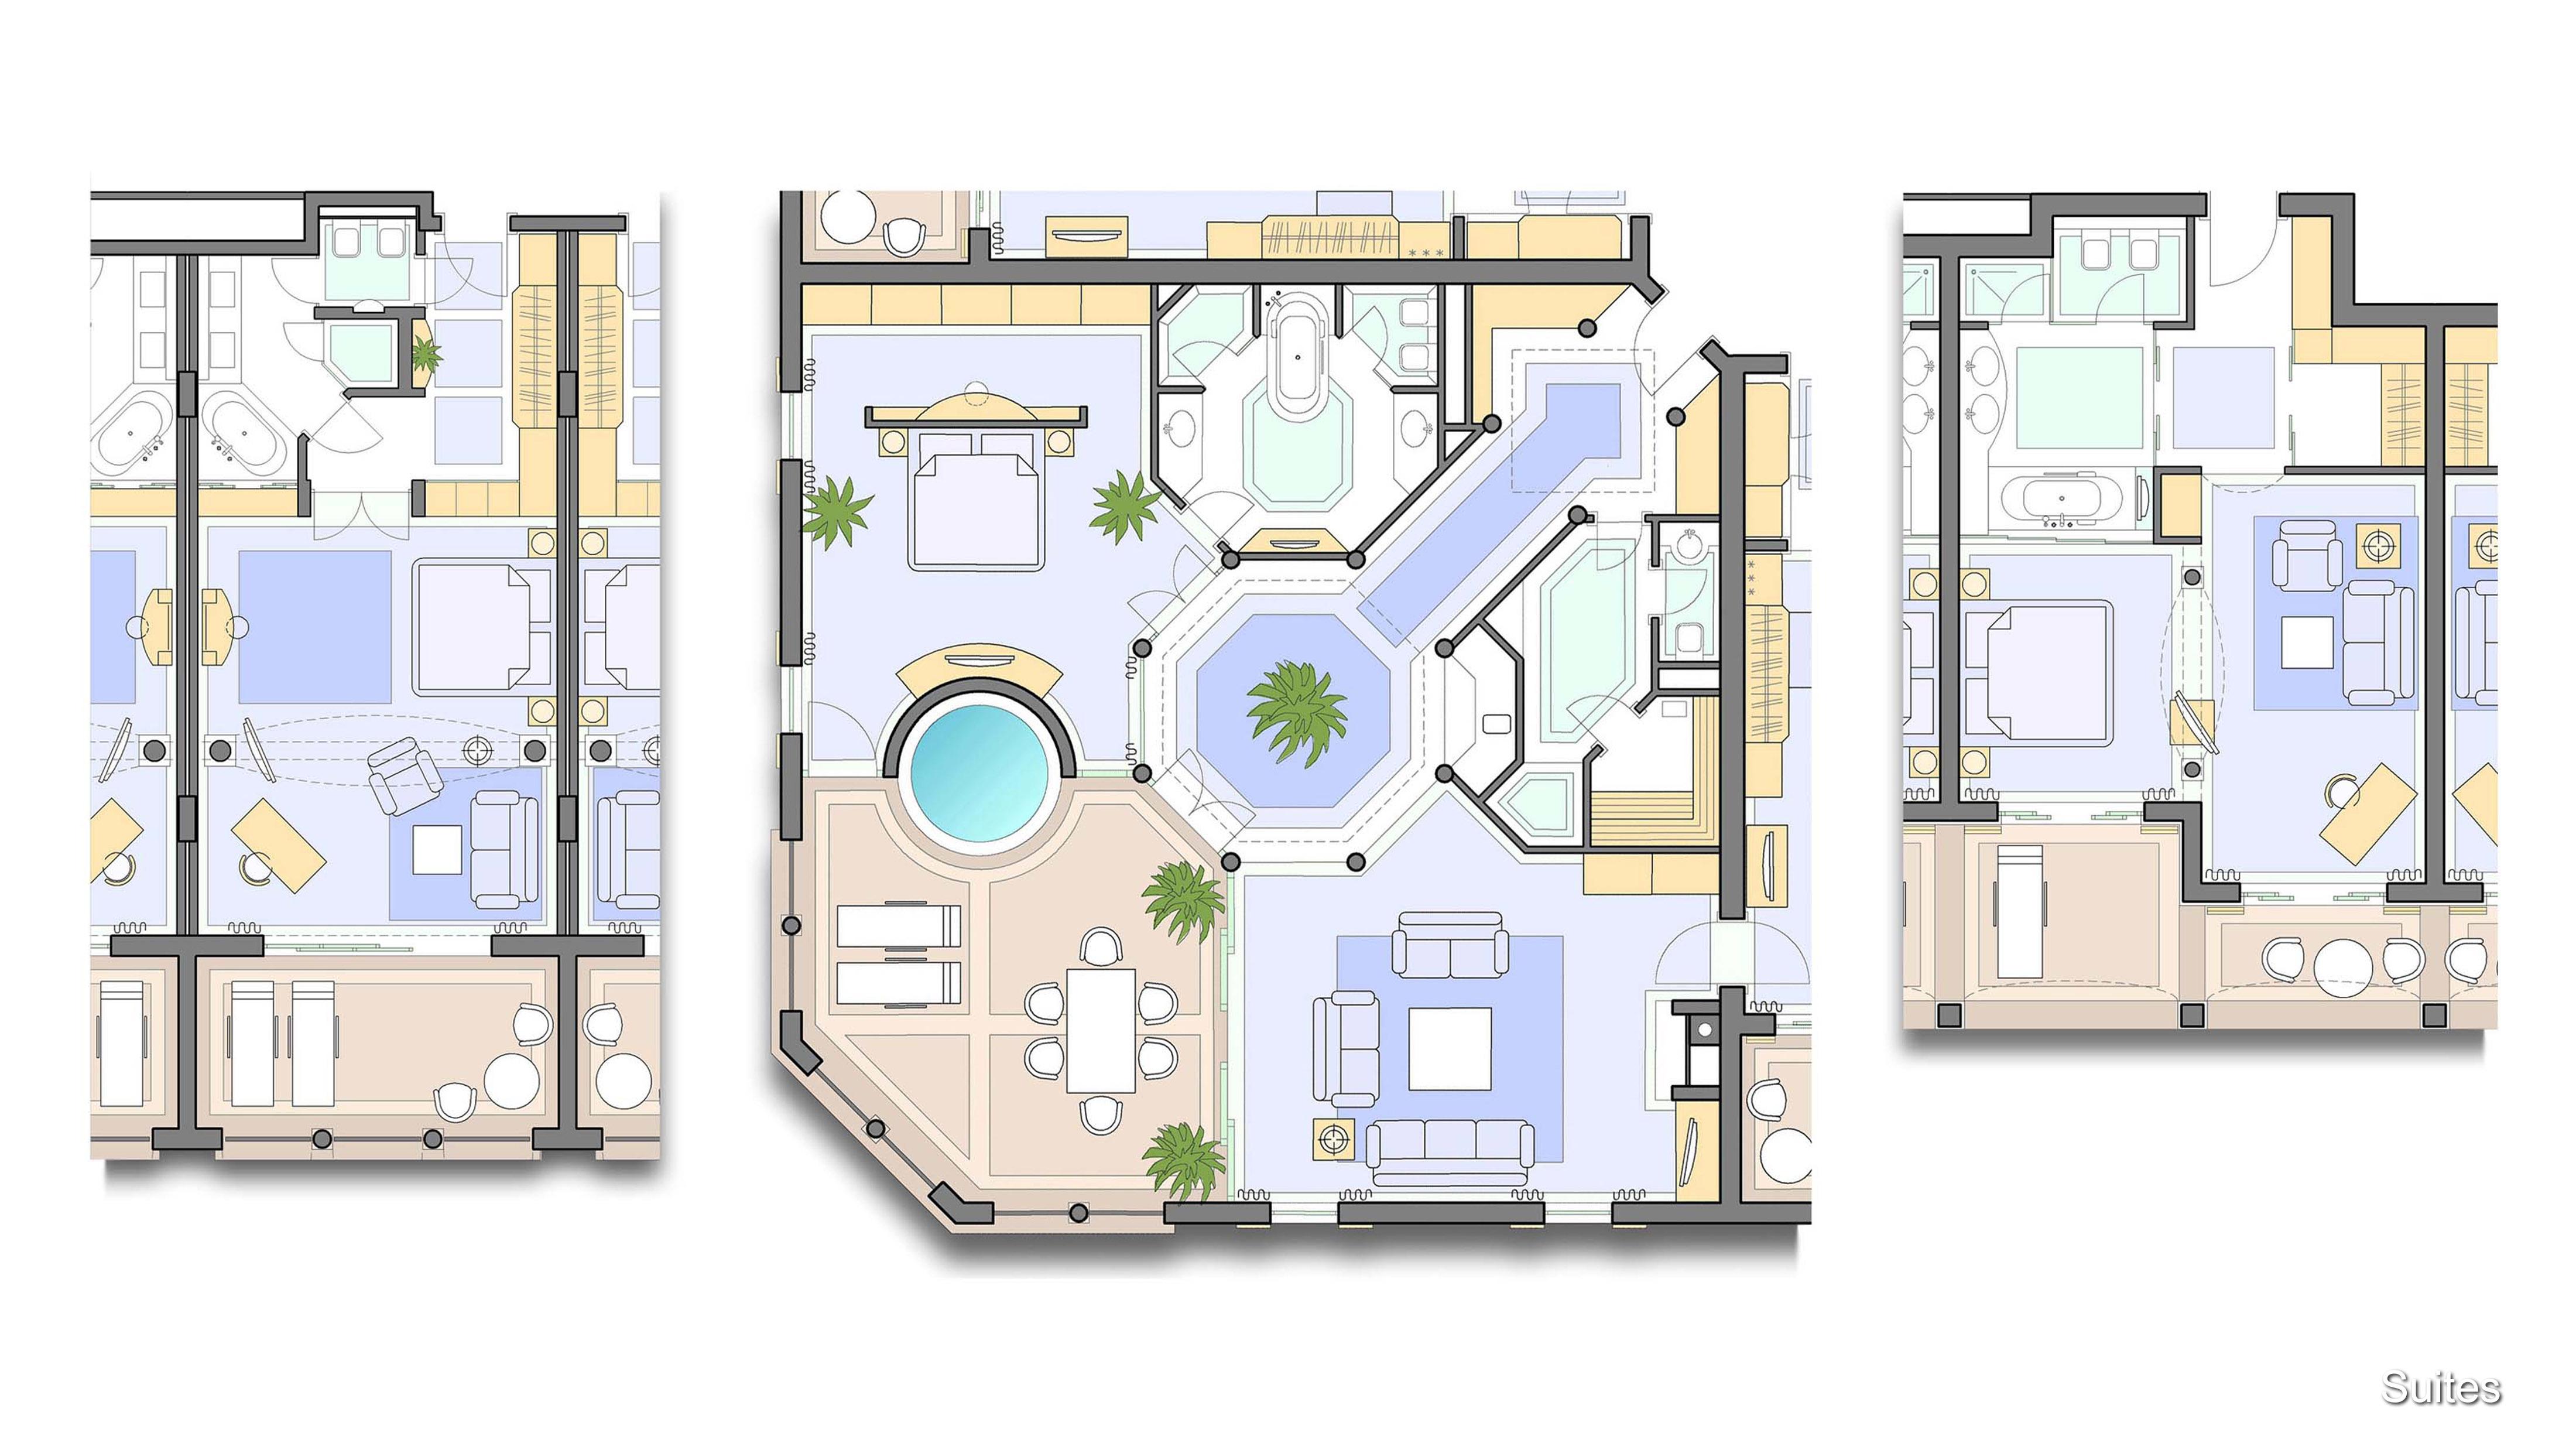 14_Suites